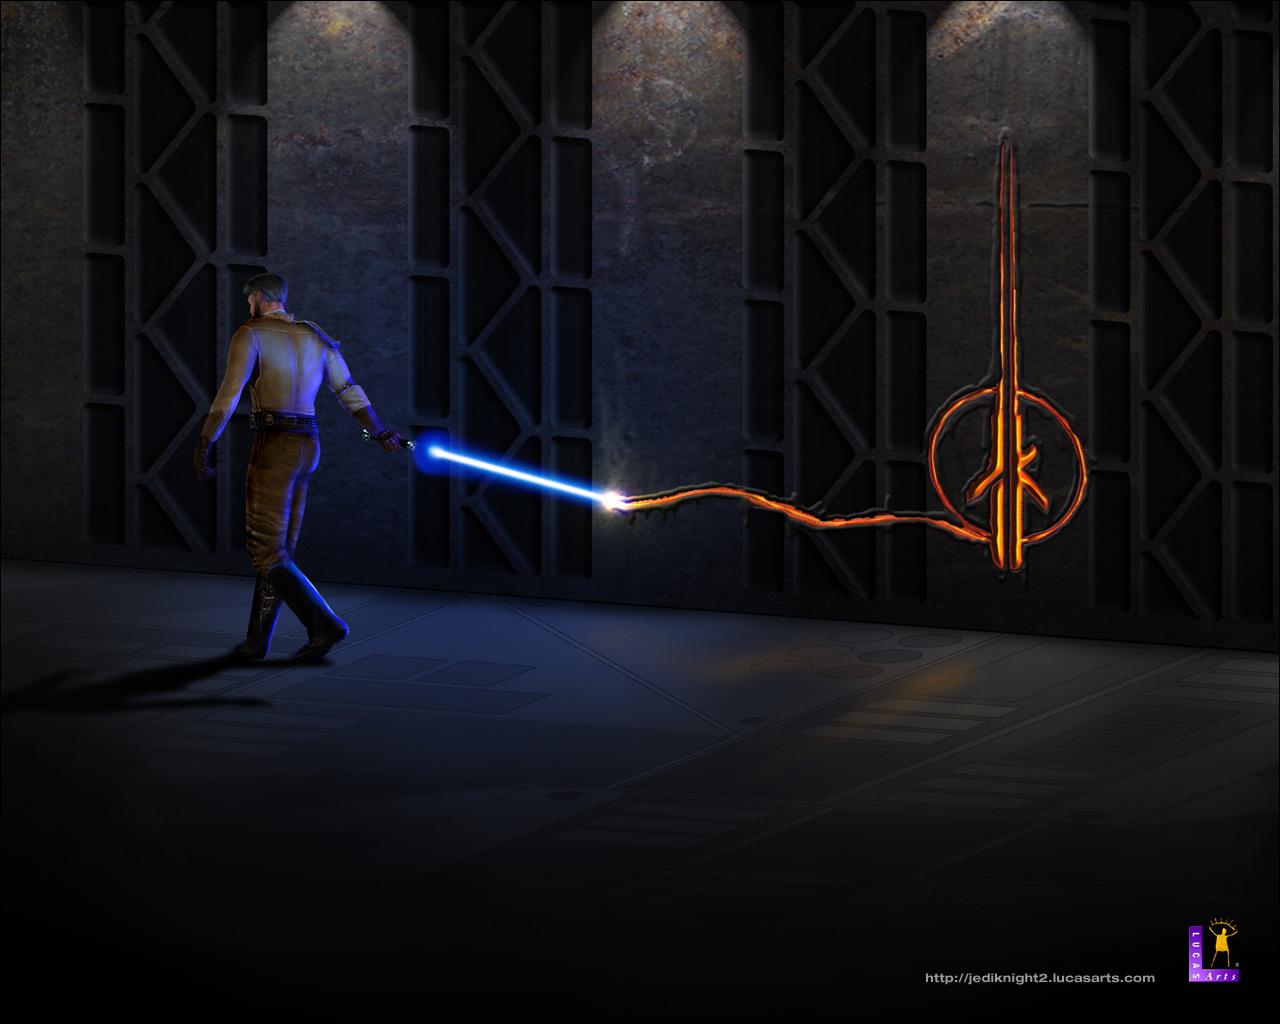 Liberado el código fuente de Jedi Knight [Aftermath!]